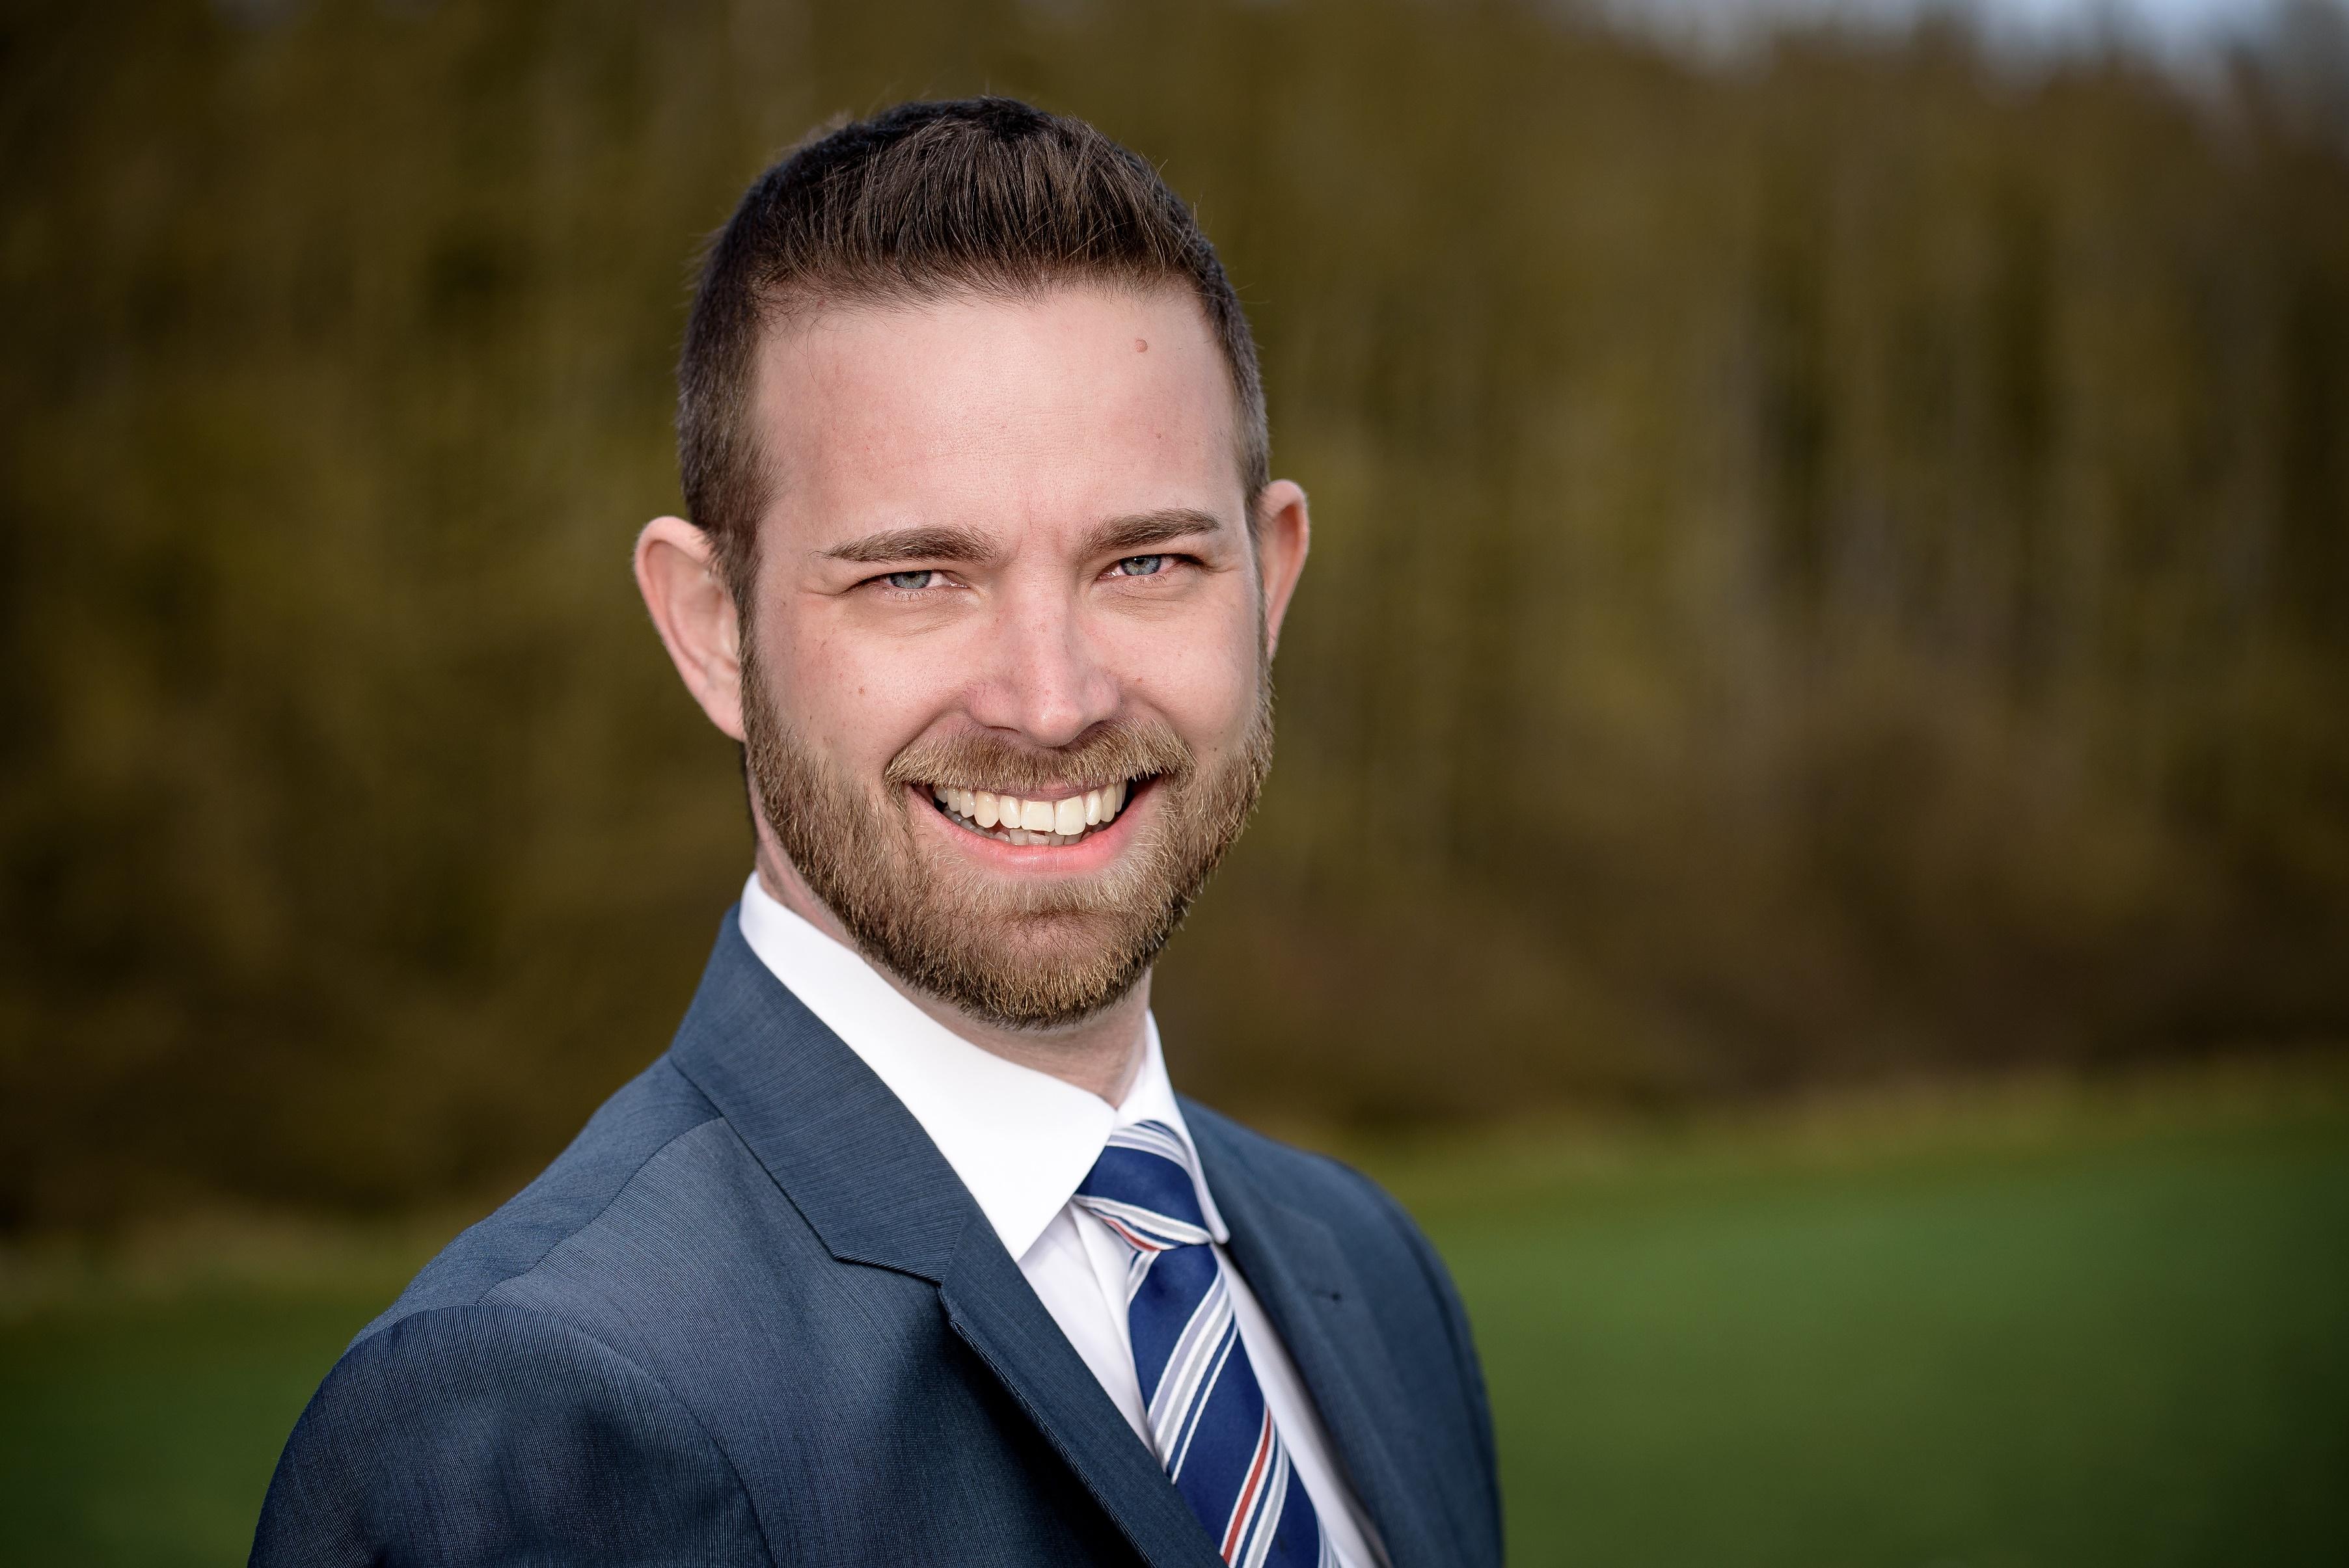 Bürgermeister Marcus Bremer